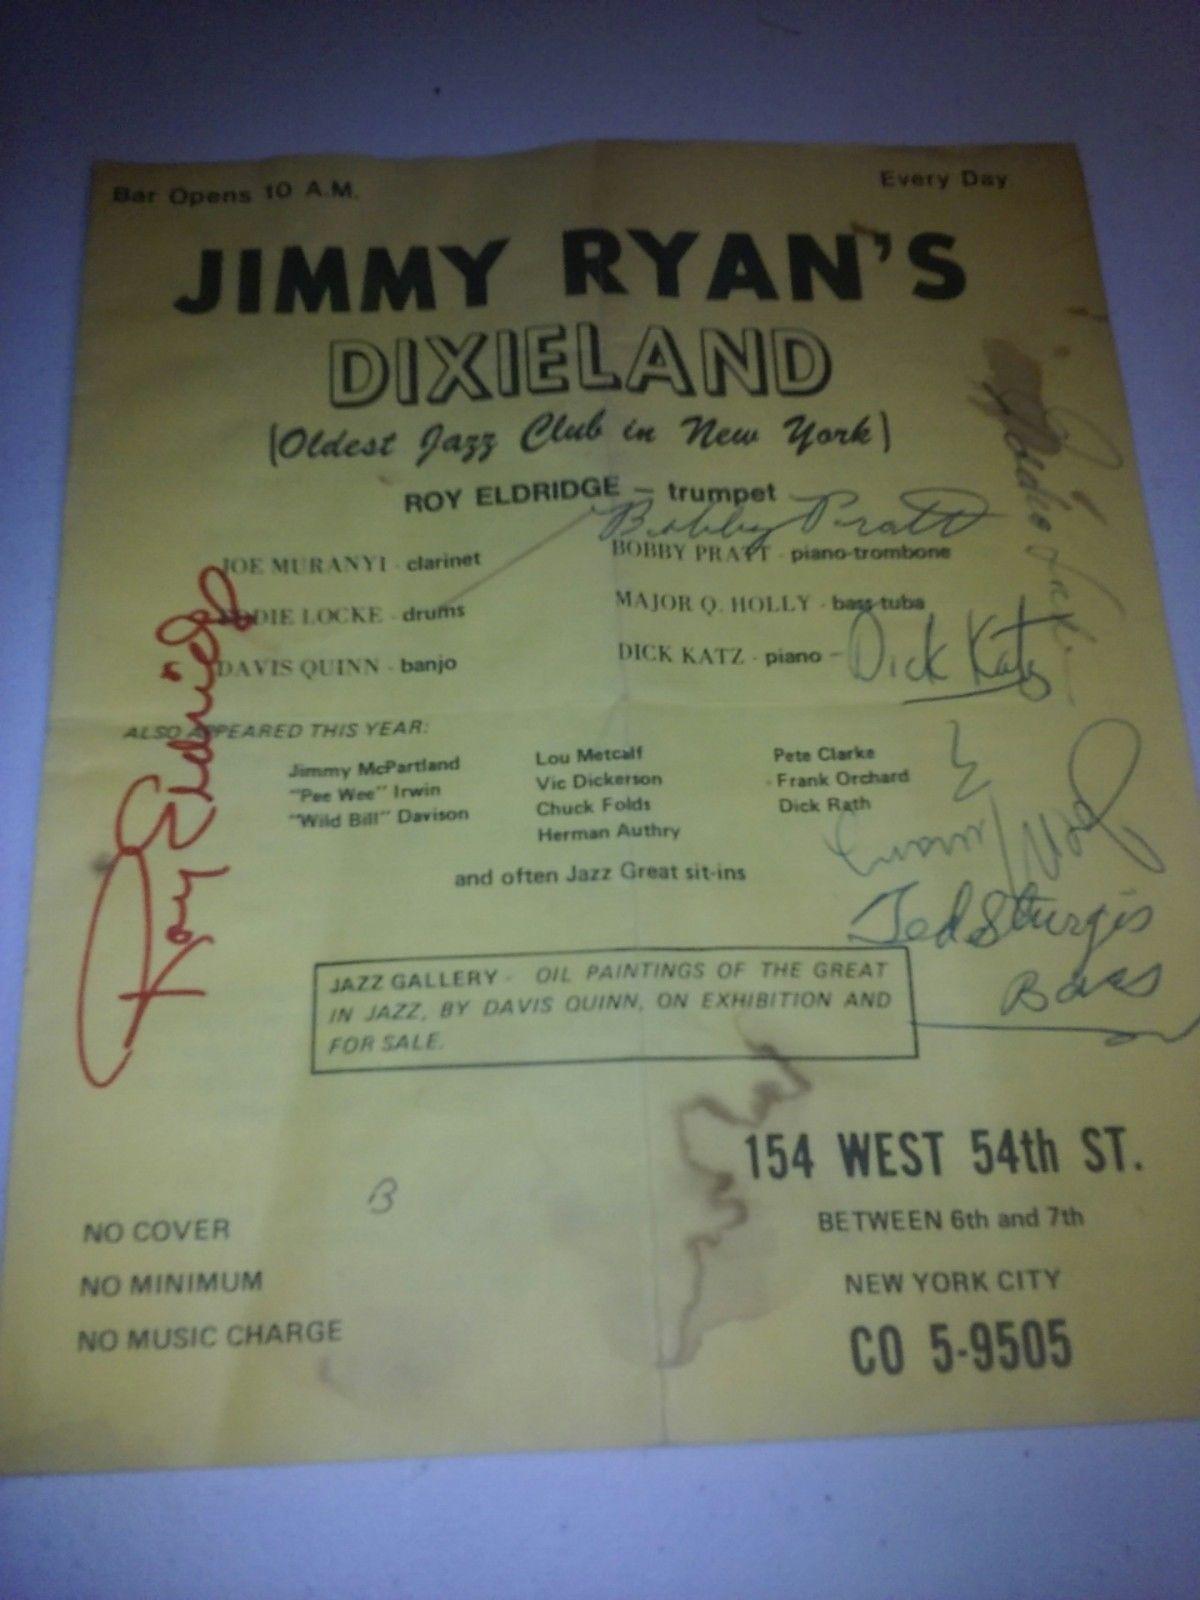 JIMMY RYAN'S DIXIELAND flyer